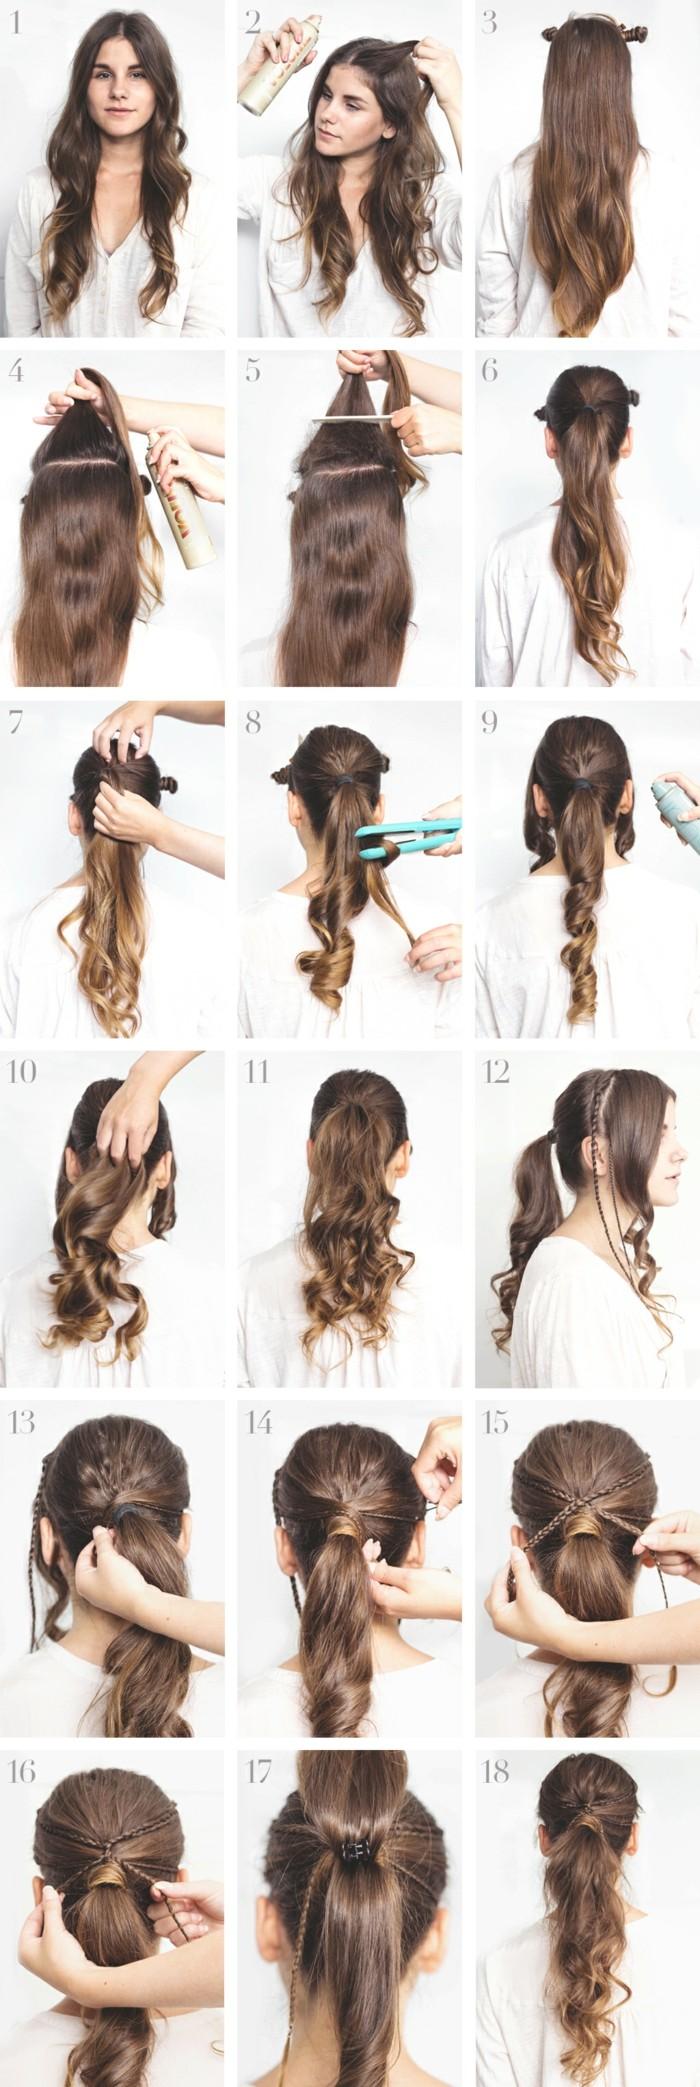 Pferdeschwanz Frisuren Nach Dem Haartyp Inneneinrichtung